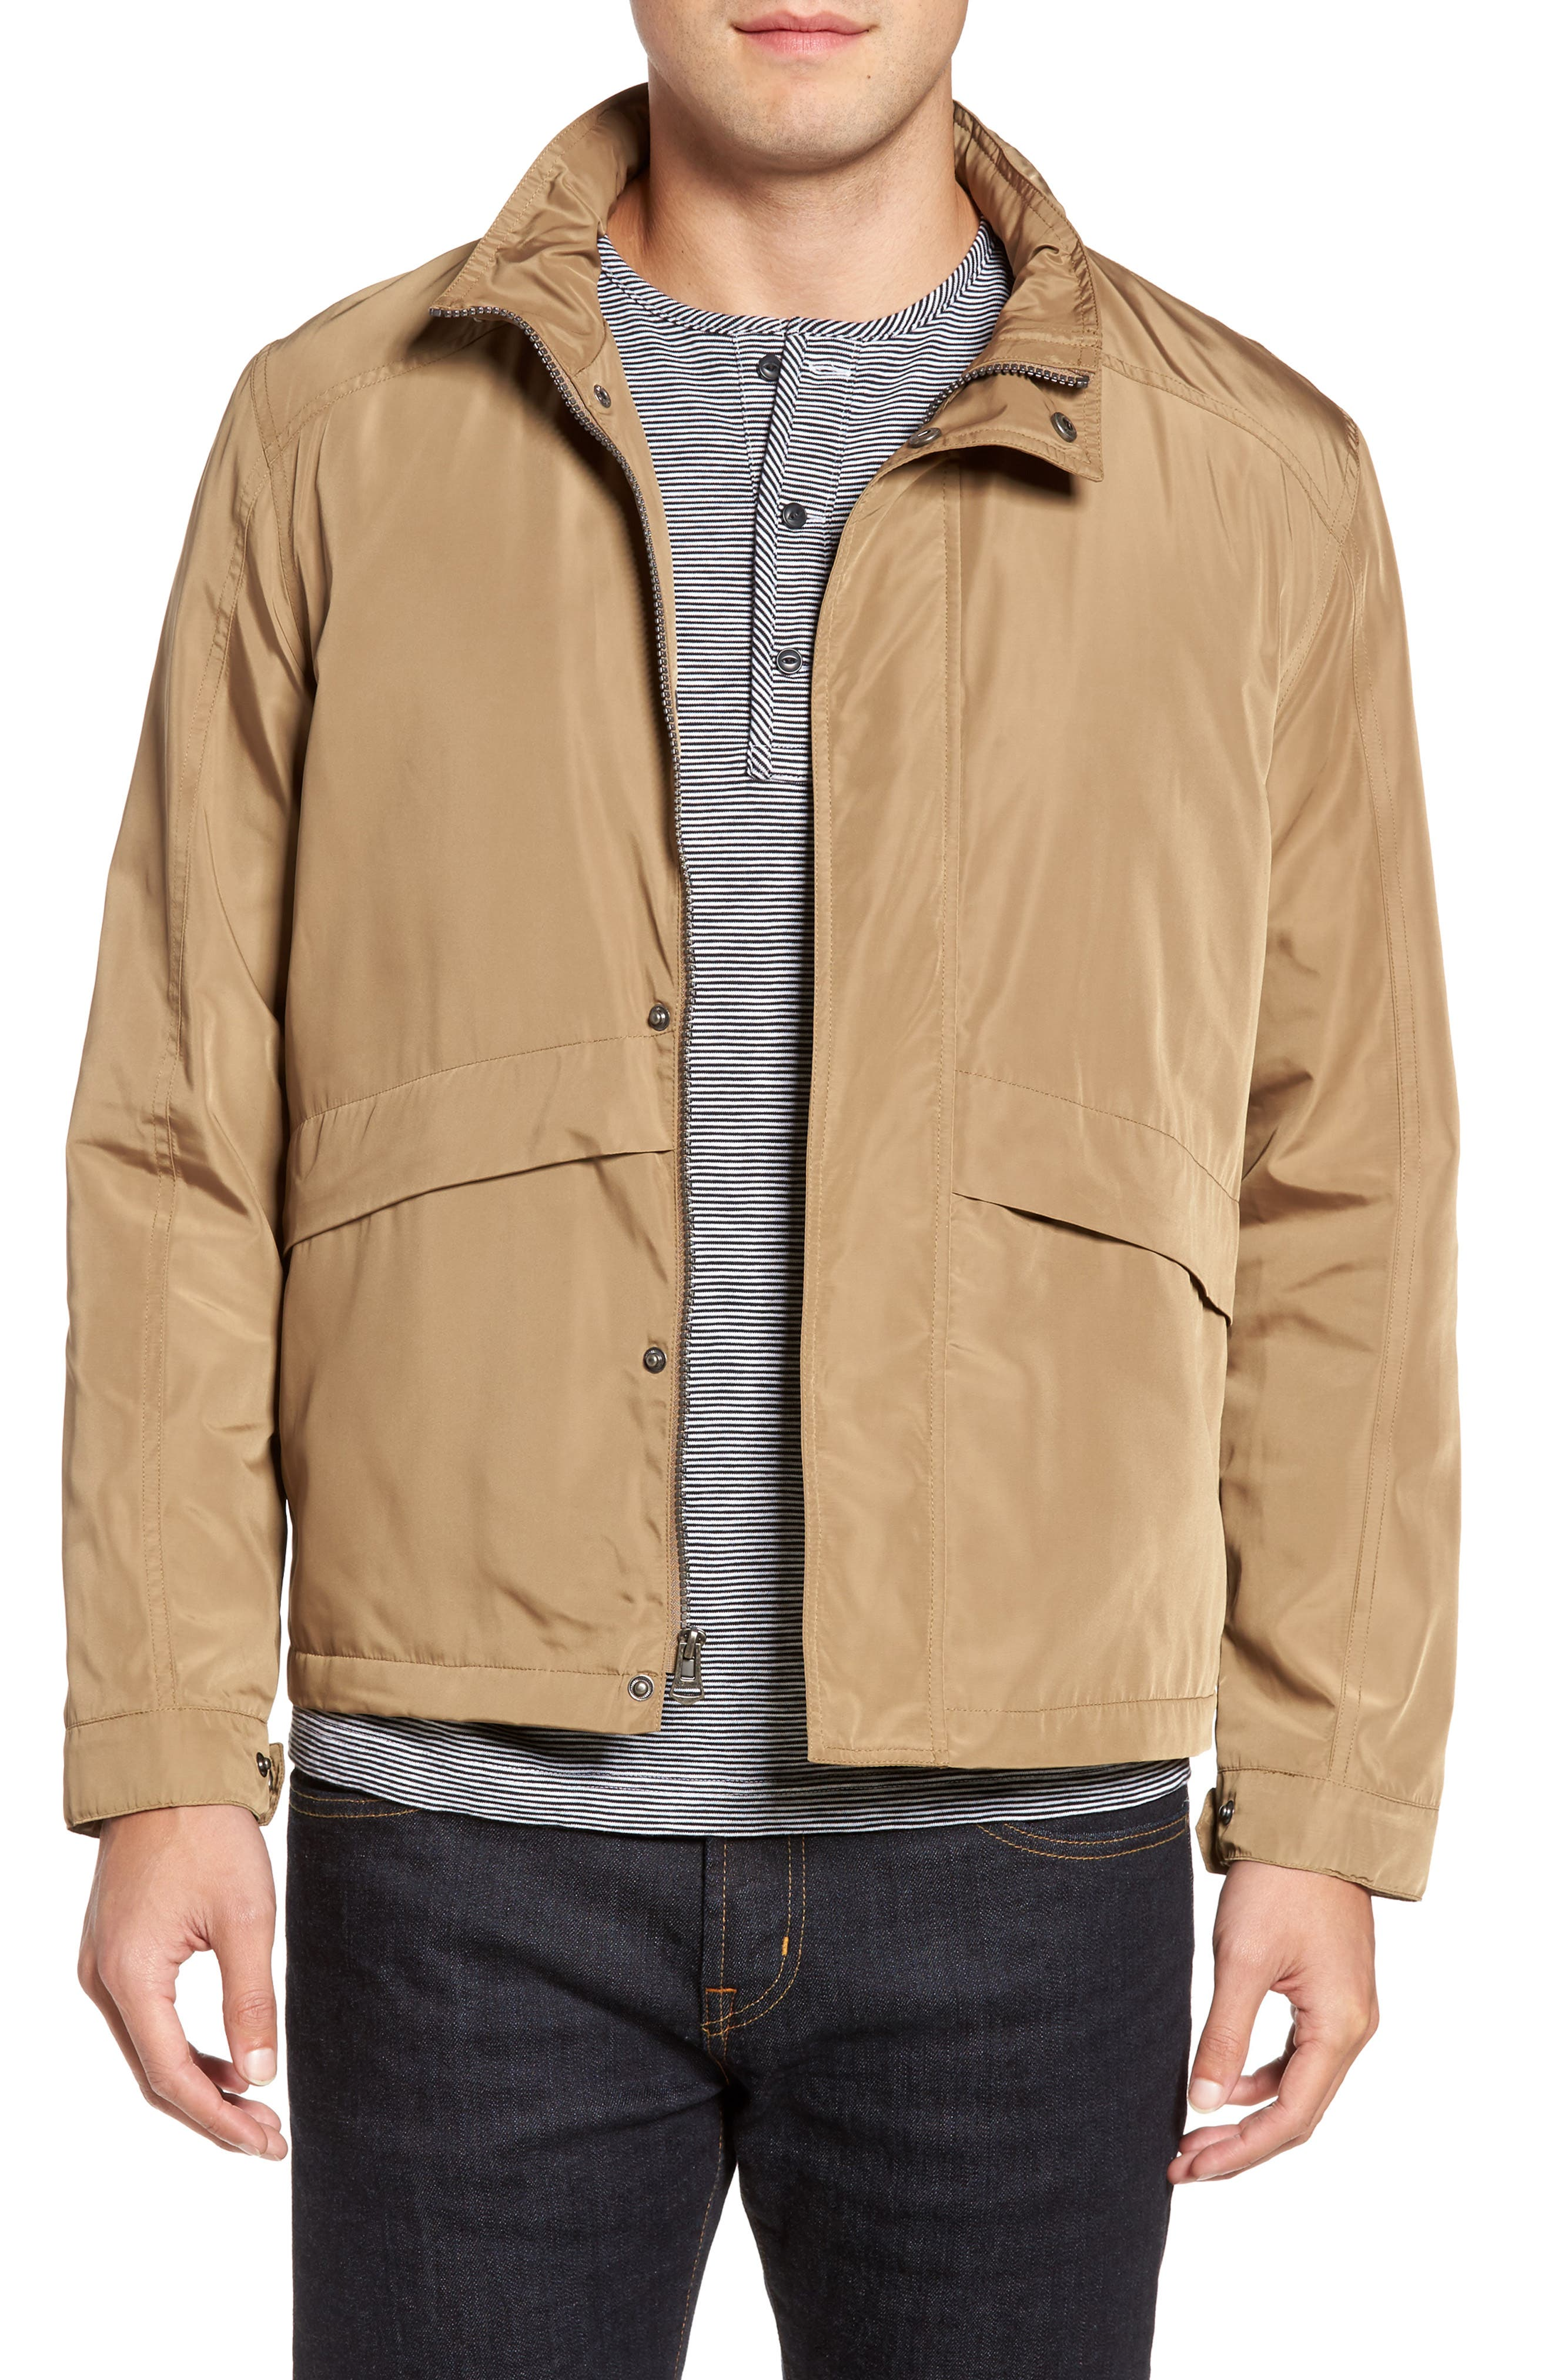 COLE HAAN Trucker Jacket